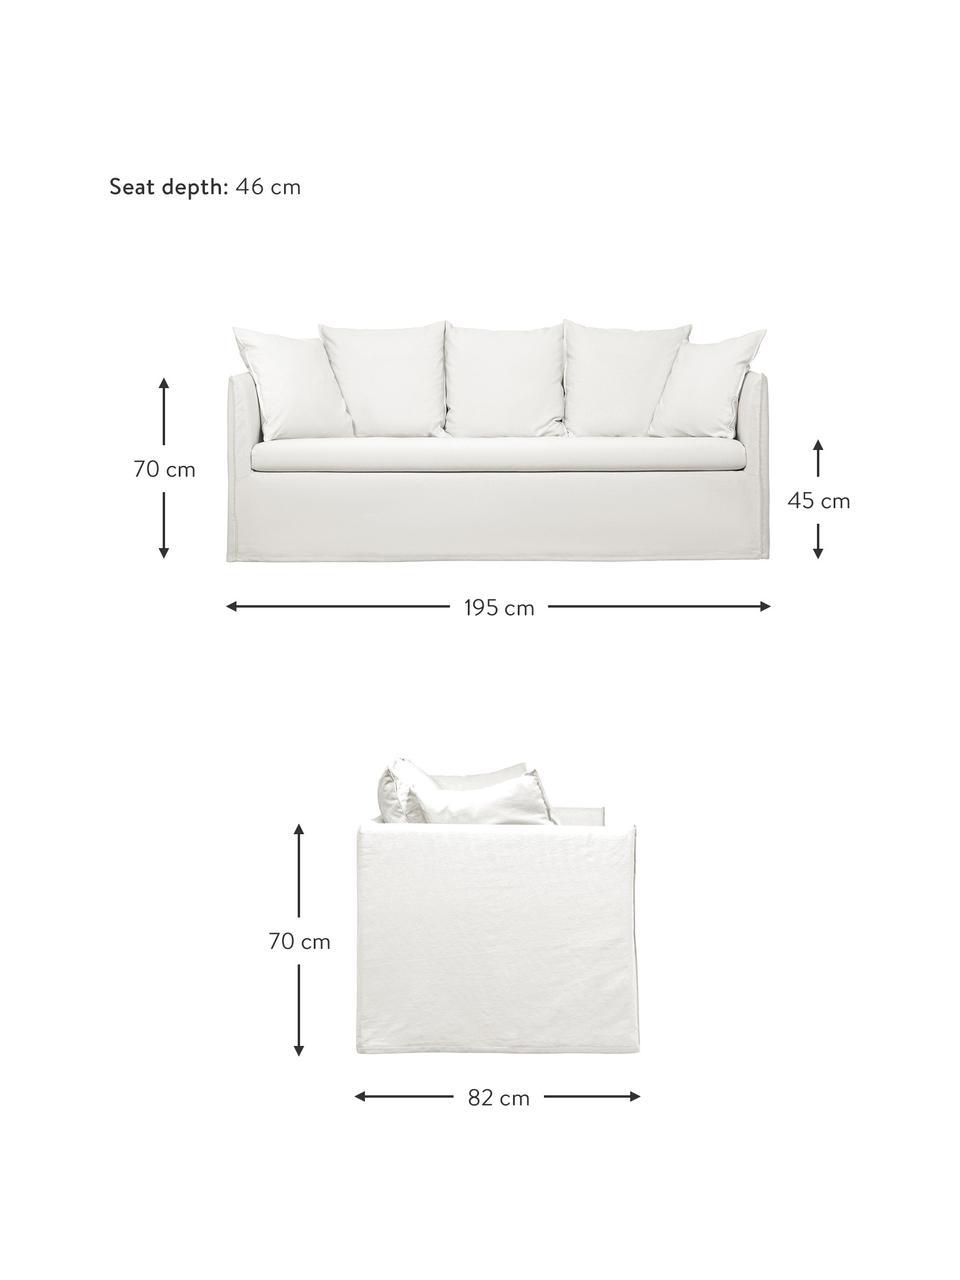 Hussen-Sofa Mila (3-Sitzer) in Cremeweiß, Bezug: Baumwolle Der hochwertige, Gestell: Massives Fichtenholz, Füße: Kunststoff, Cremeweiß, B 195 x T 82 cm